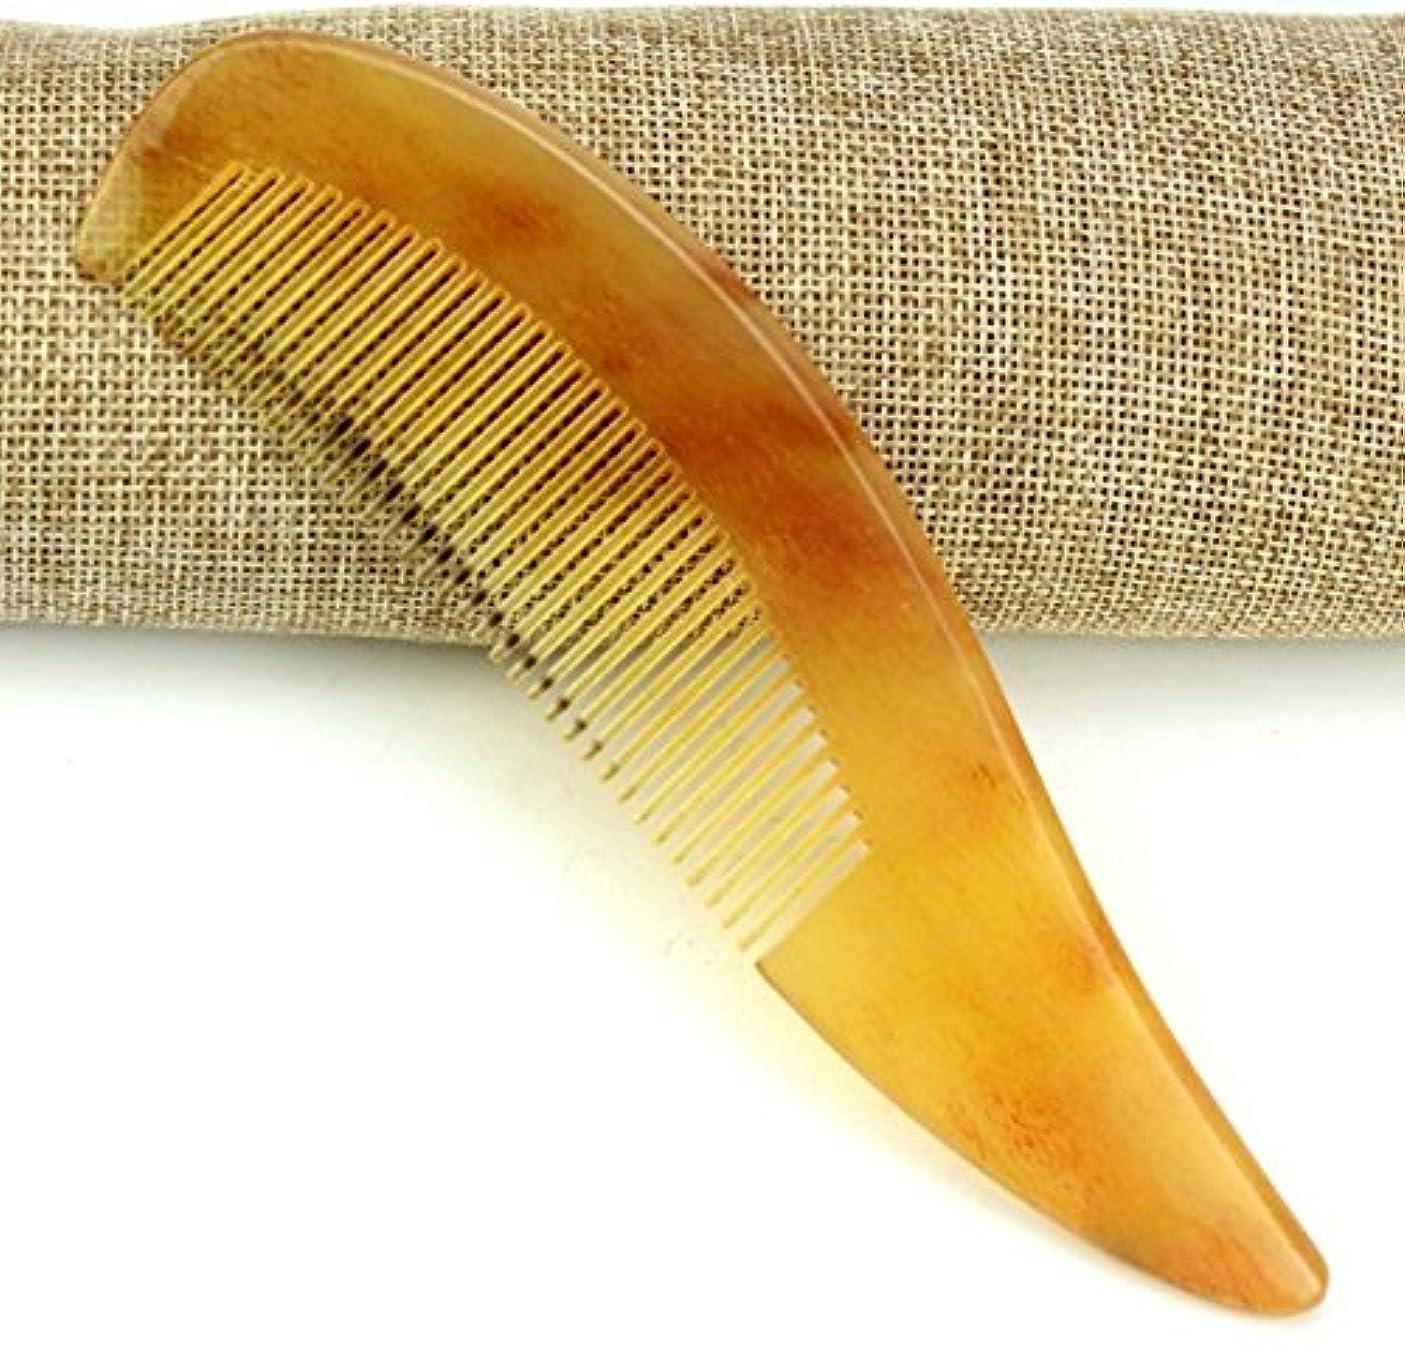 ワークショップ悪性の直立櫛型 プロも使う羊角かっさプレート マサージ用 血行改善 高級 天然 静電気防止 美髪 美顔 ボディ リンパマッサージ